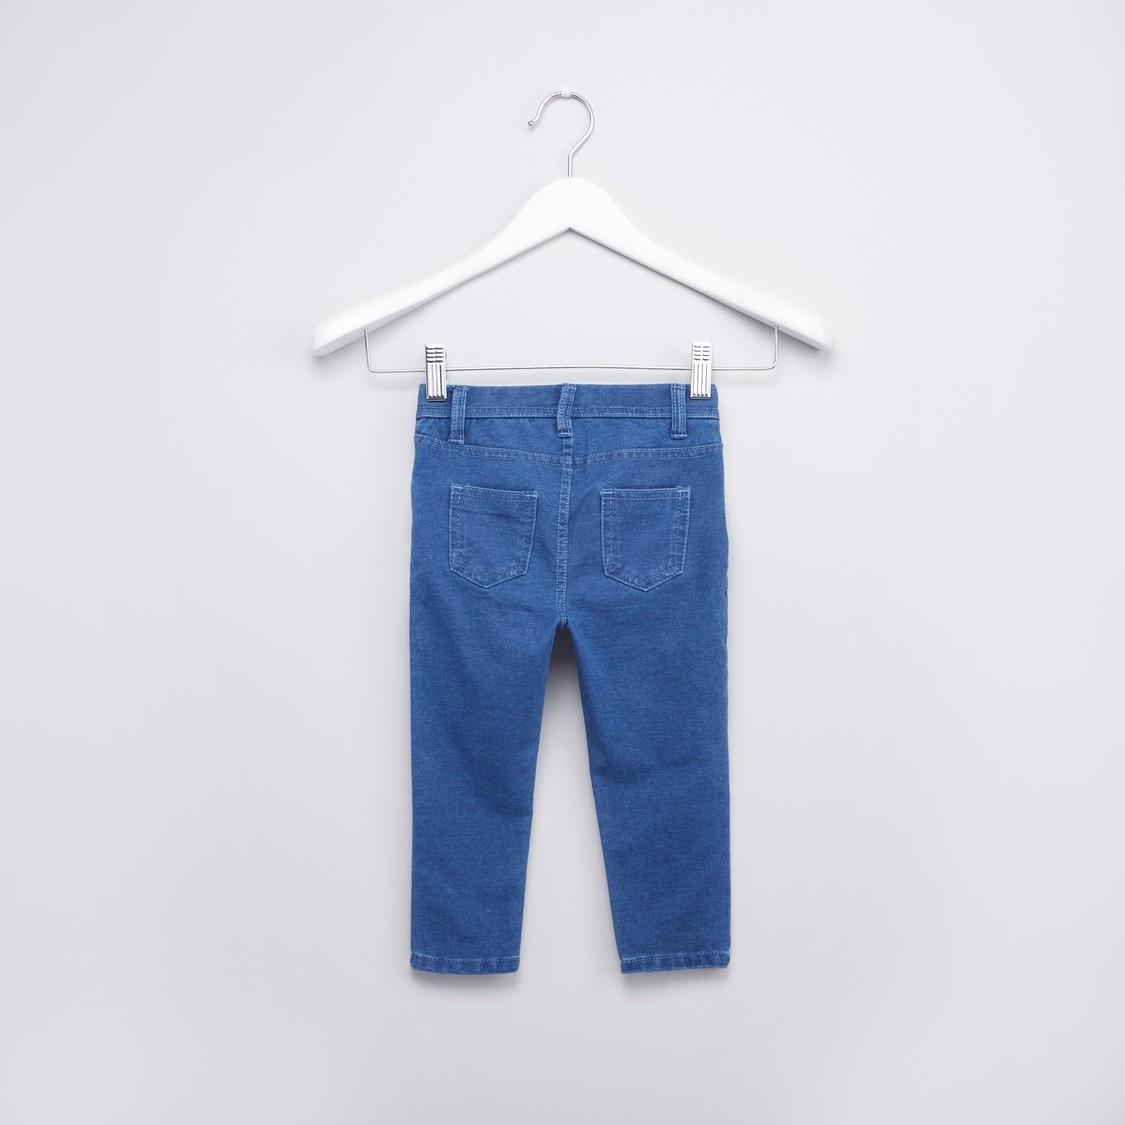 بنطلون جينز طويل بارز الملمس وجيوب وطية